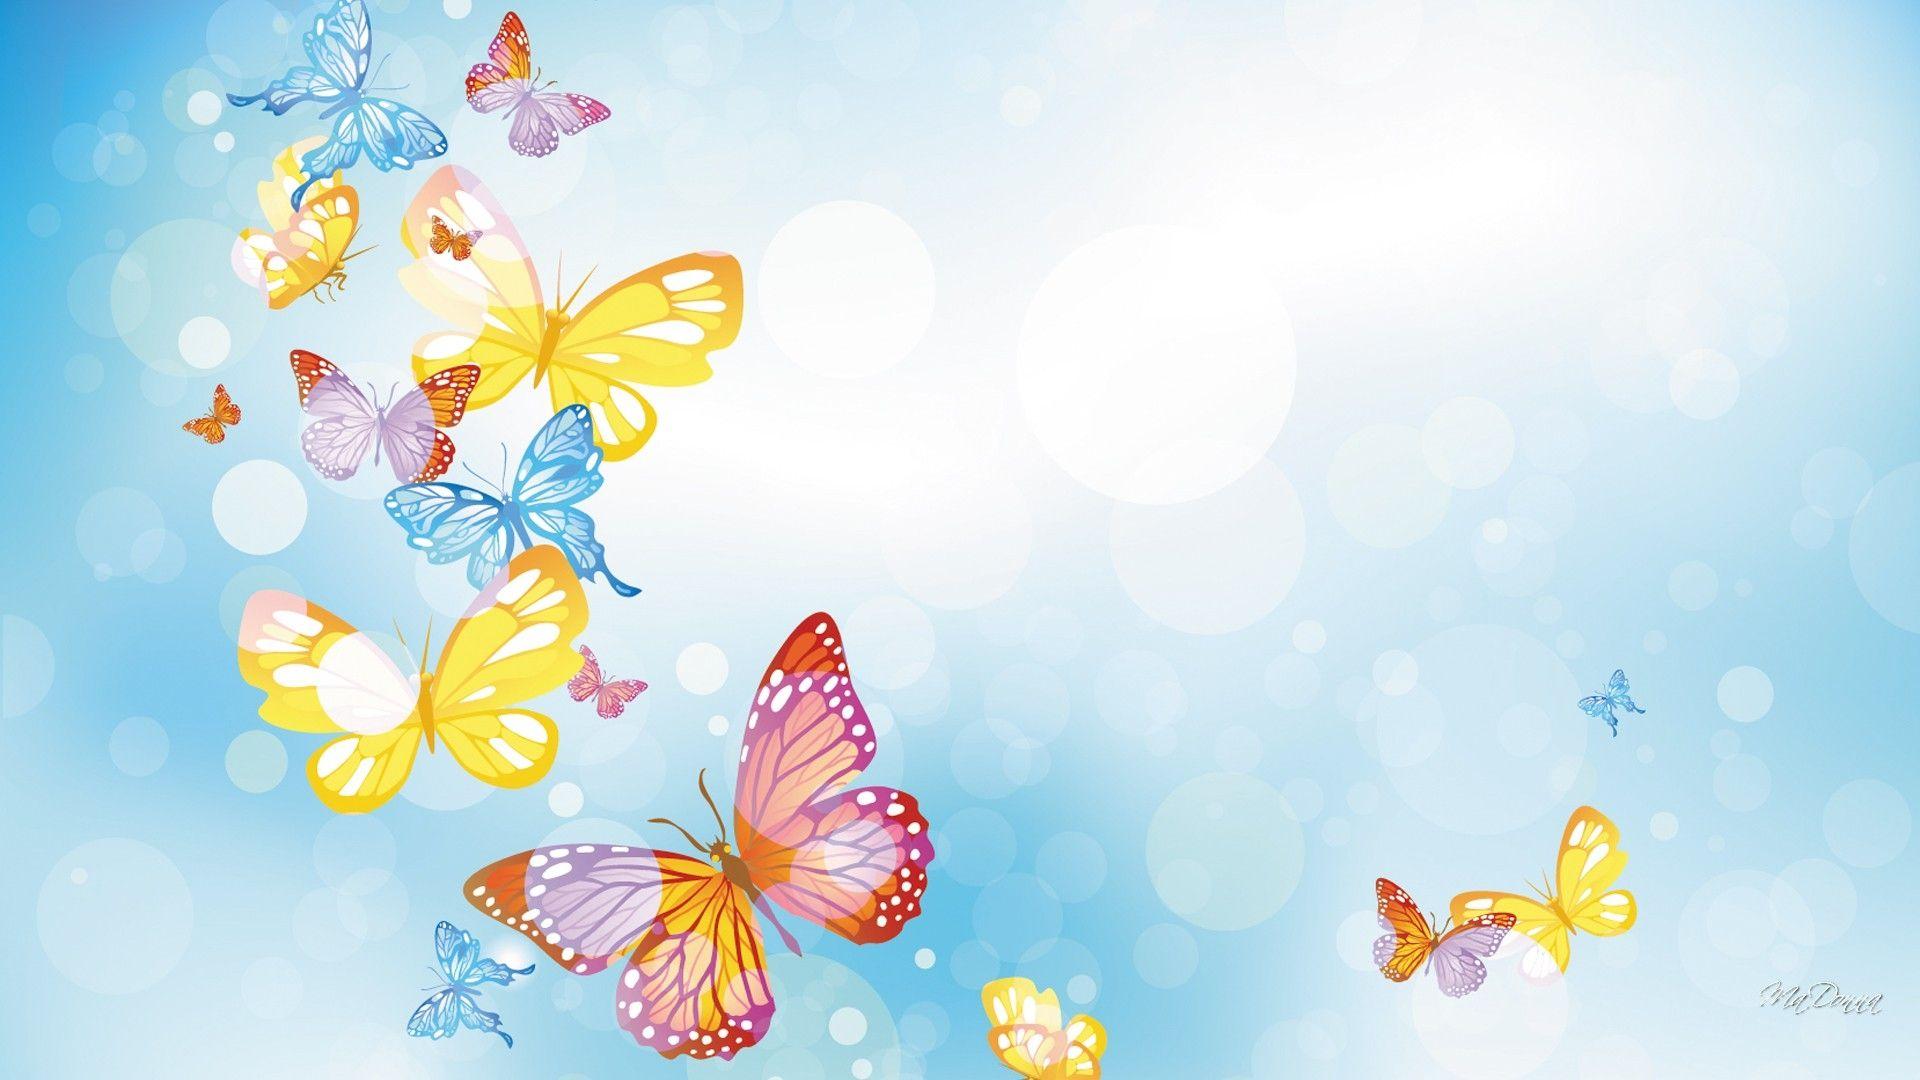 Butterflies Wallpaper Hd Resolution Butterfly Background Butterfly Wallpaper Butterfly Illustration